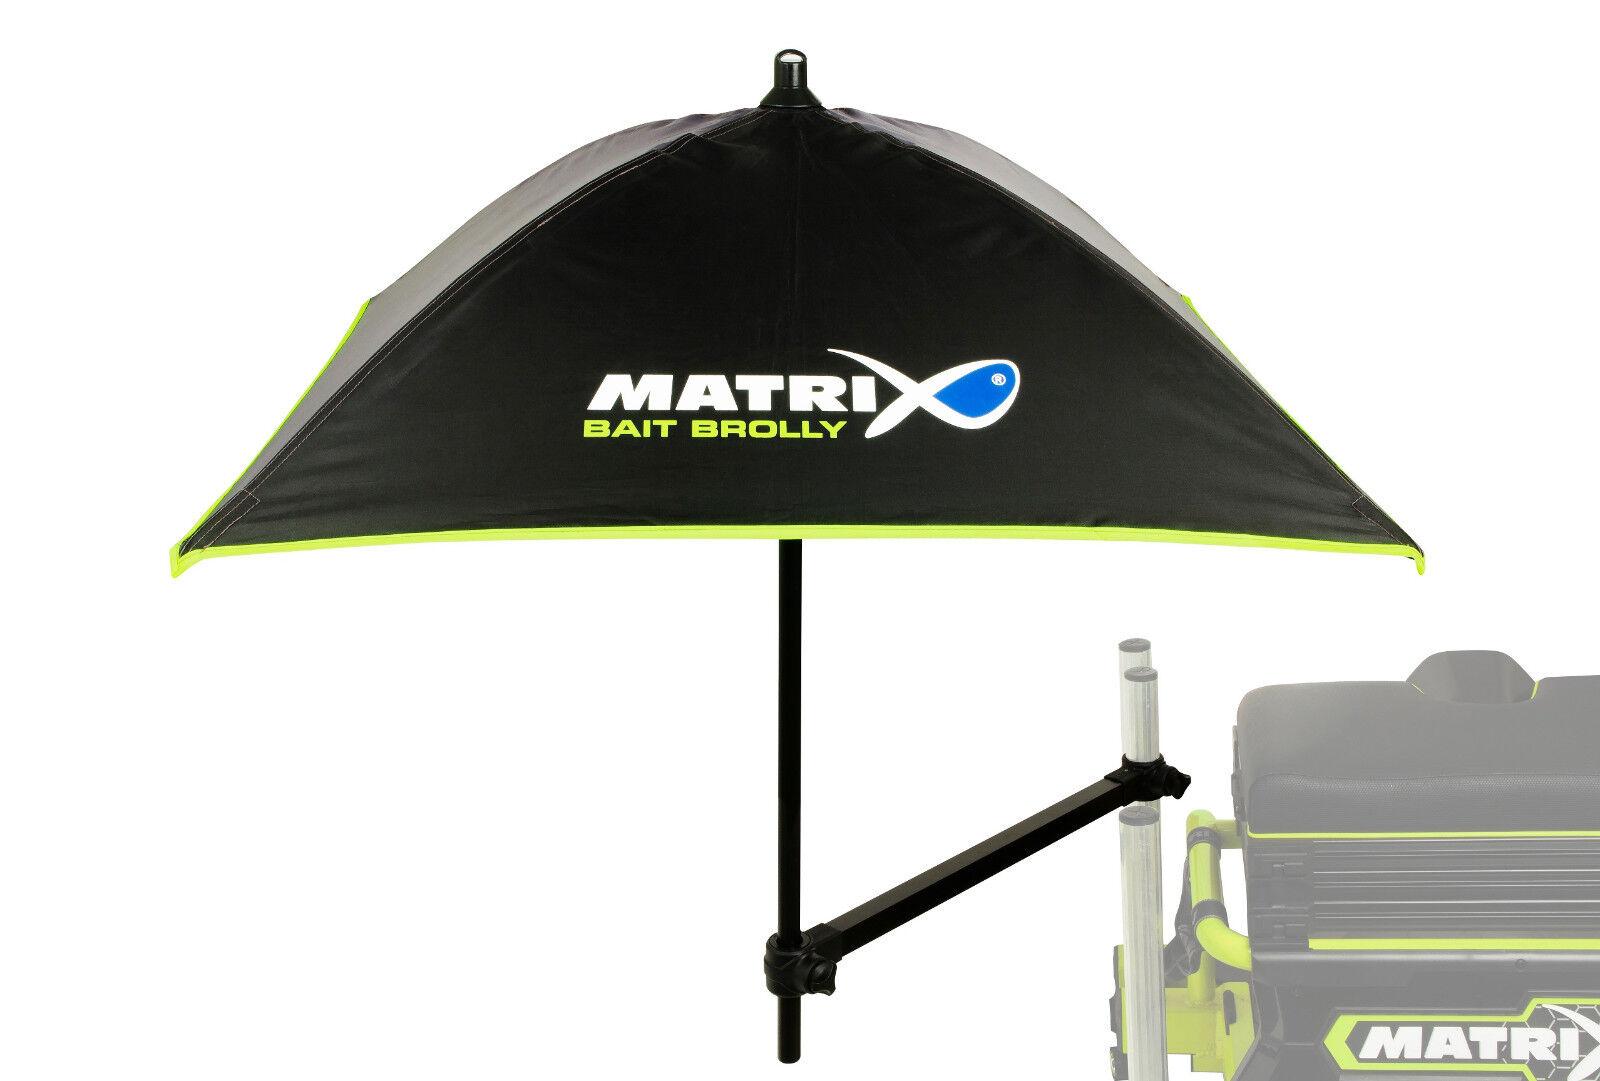 Fox Matrix Bait Brolly Inc. braccio di supporto gum008 Ombrellone Schermo Angel protezione agenti atmosferici